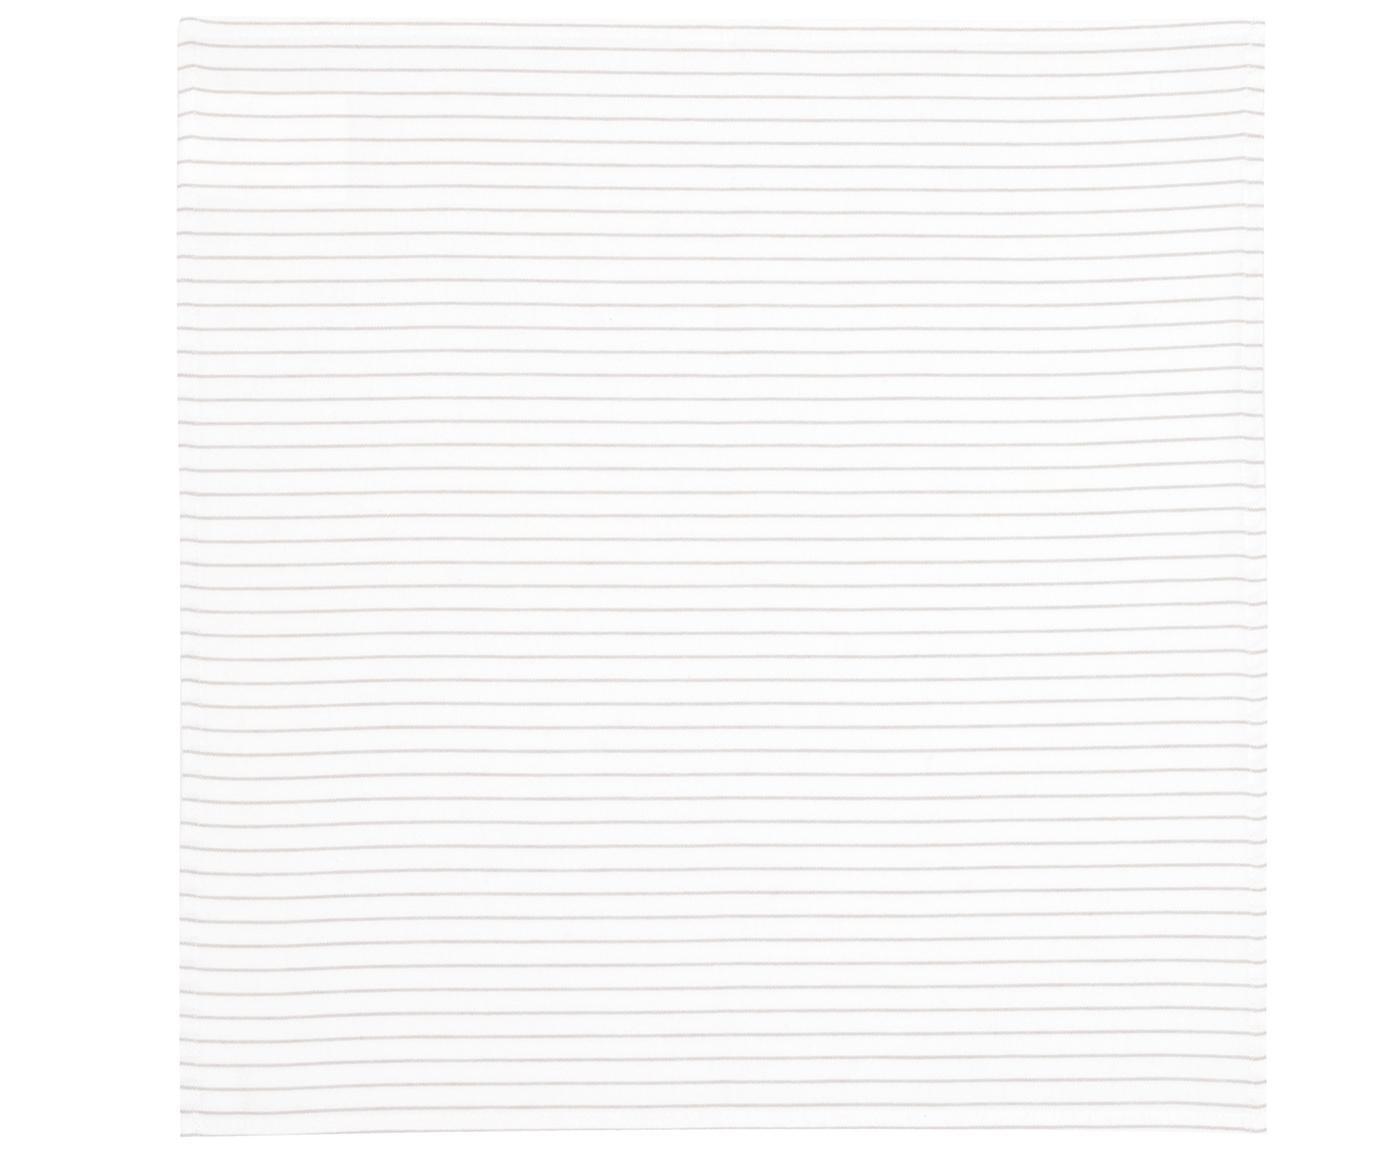 Baumwoll-Servietten Nicole, 2 Stück, Baumwolle, Weiss, Beige, 50 x 50 cm